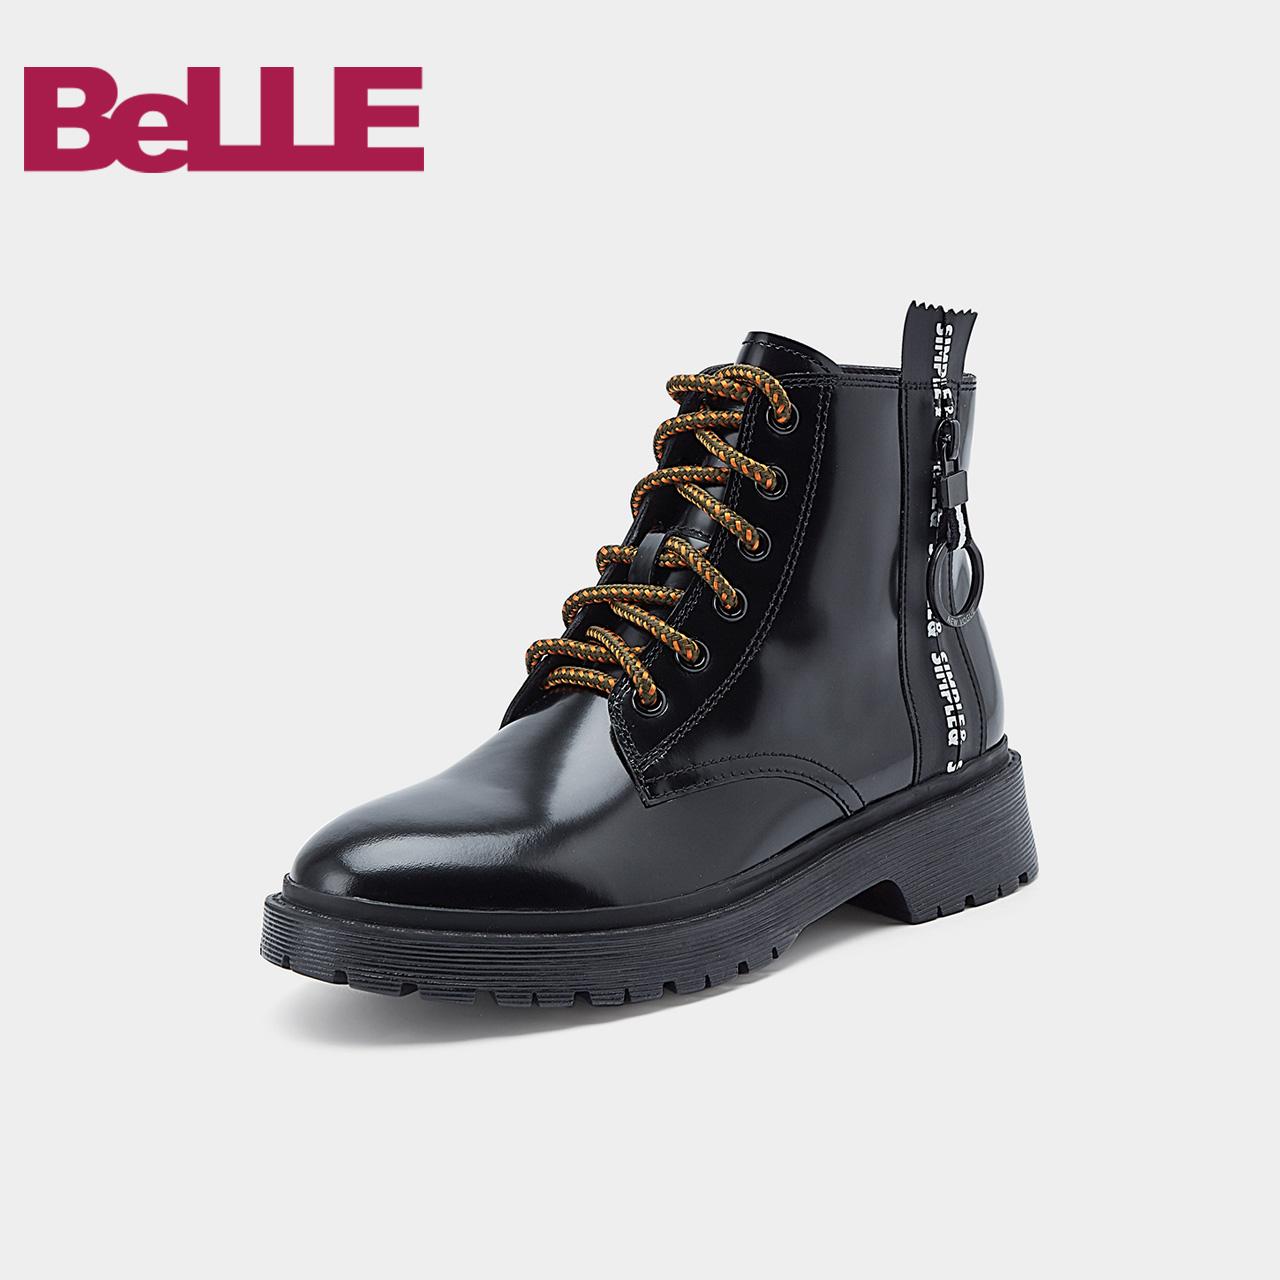 【淘宝预售】百丽2018冬季商场新款光牛皮马丁靴女短靴BYH52DD8